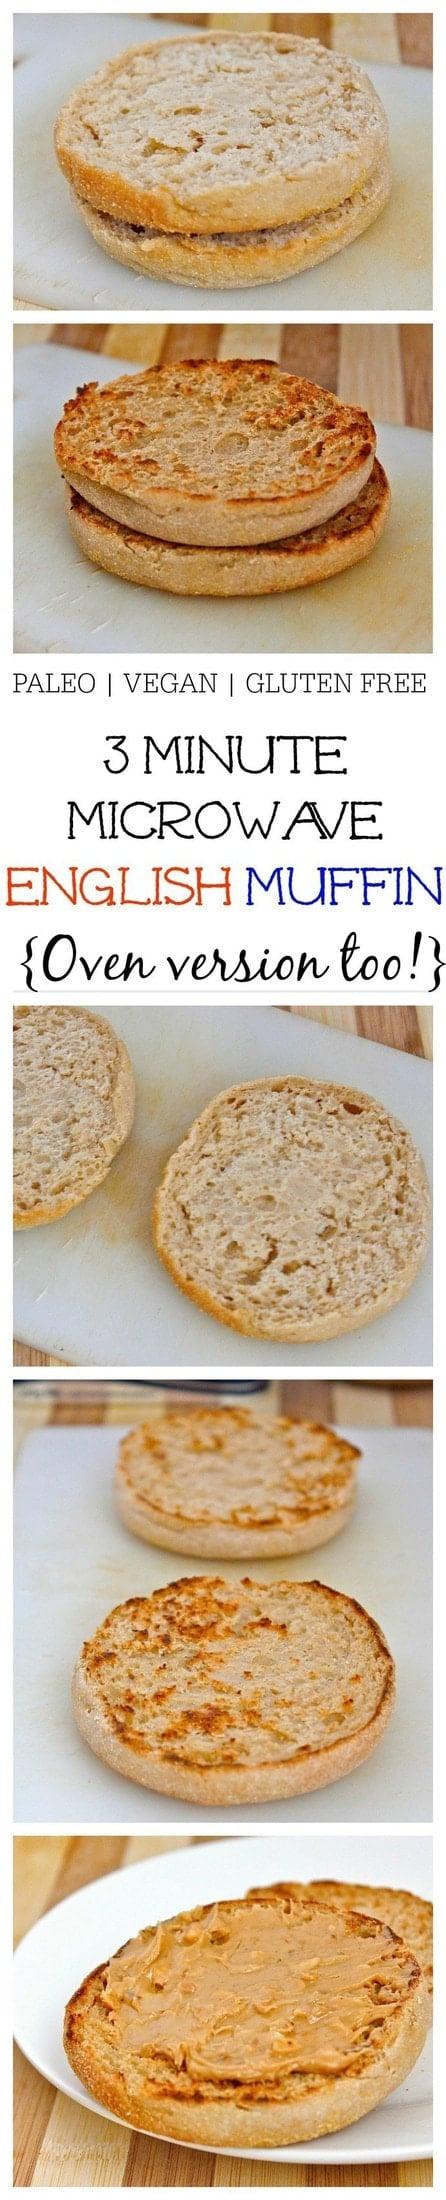 English muffin recipe no oven